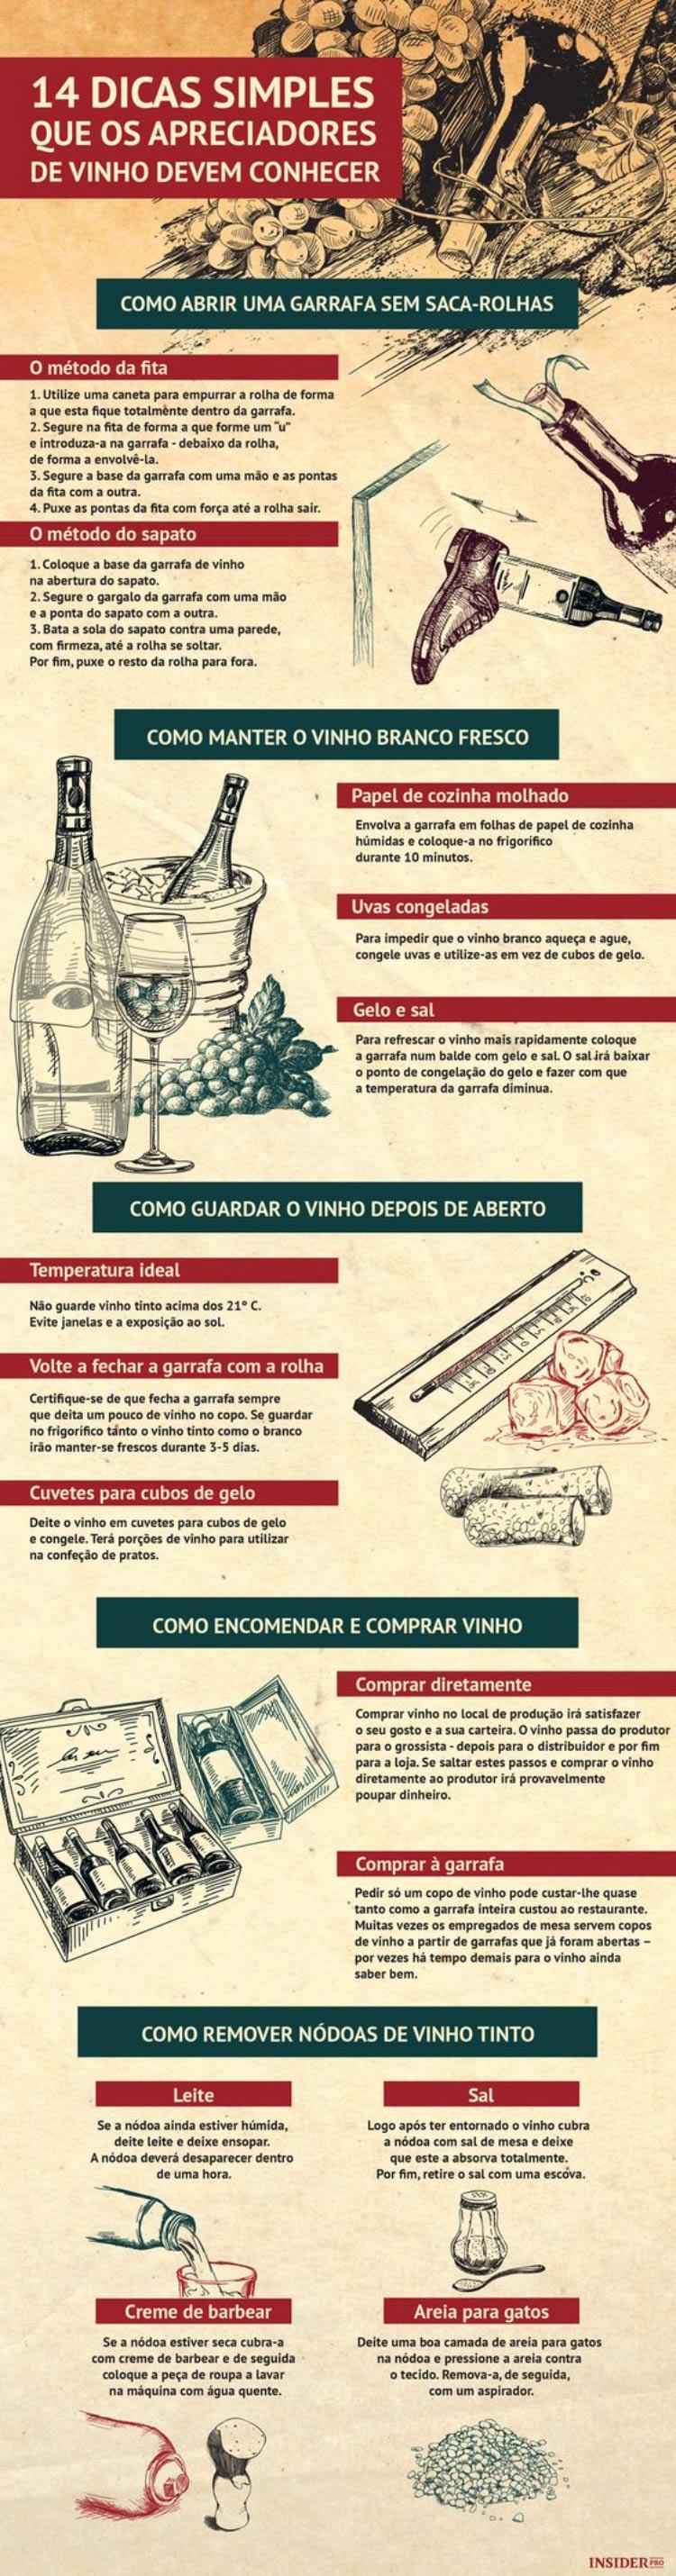 14-dicas-apreciadores-vinhos